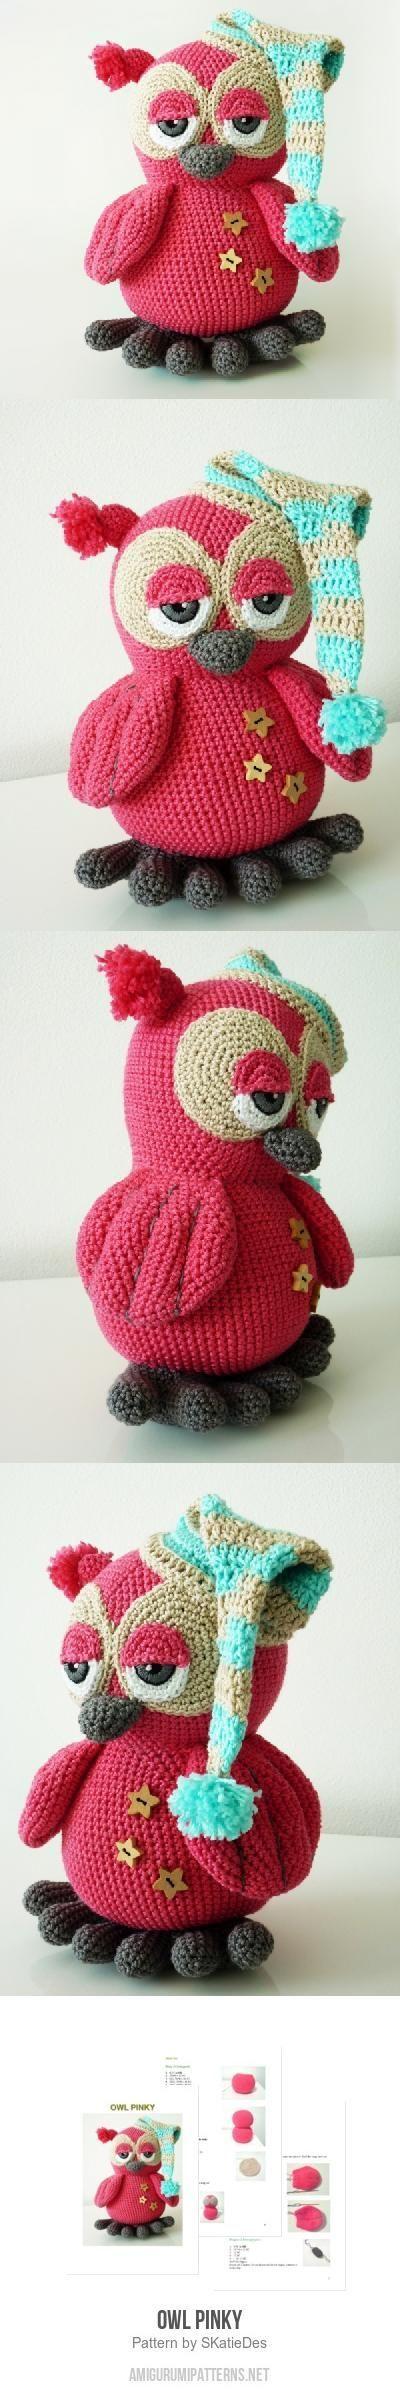 Owl Pinky amigurumi pattern ~ love it! | amigurumi | Pinterest ...